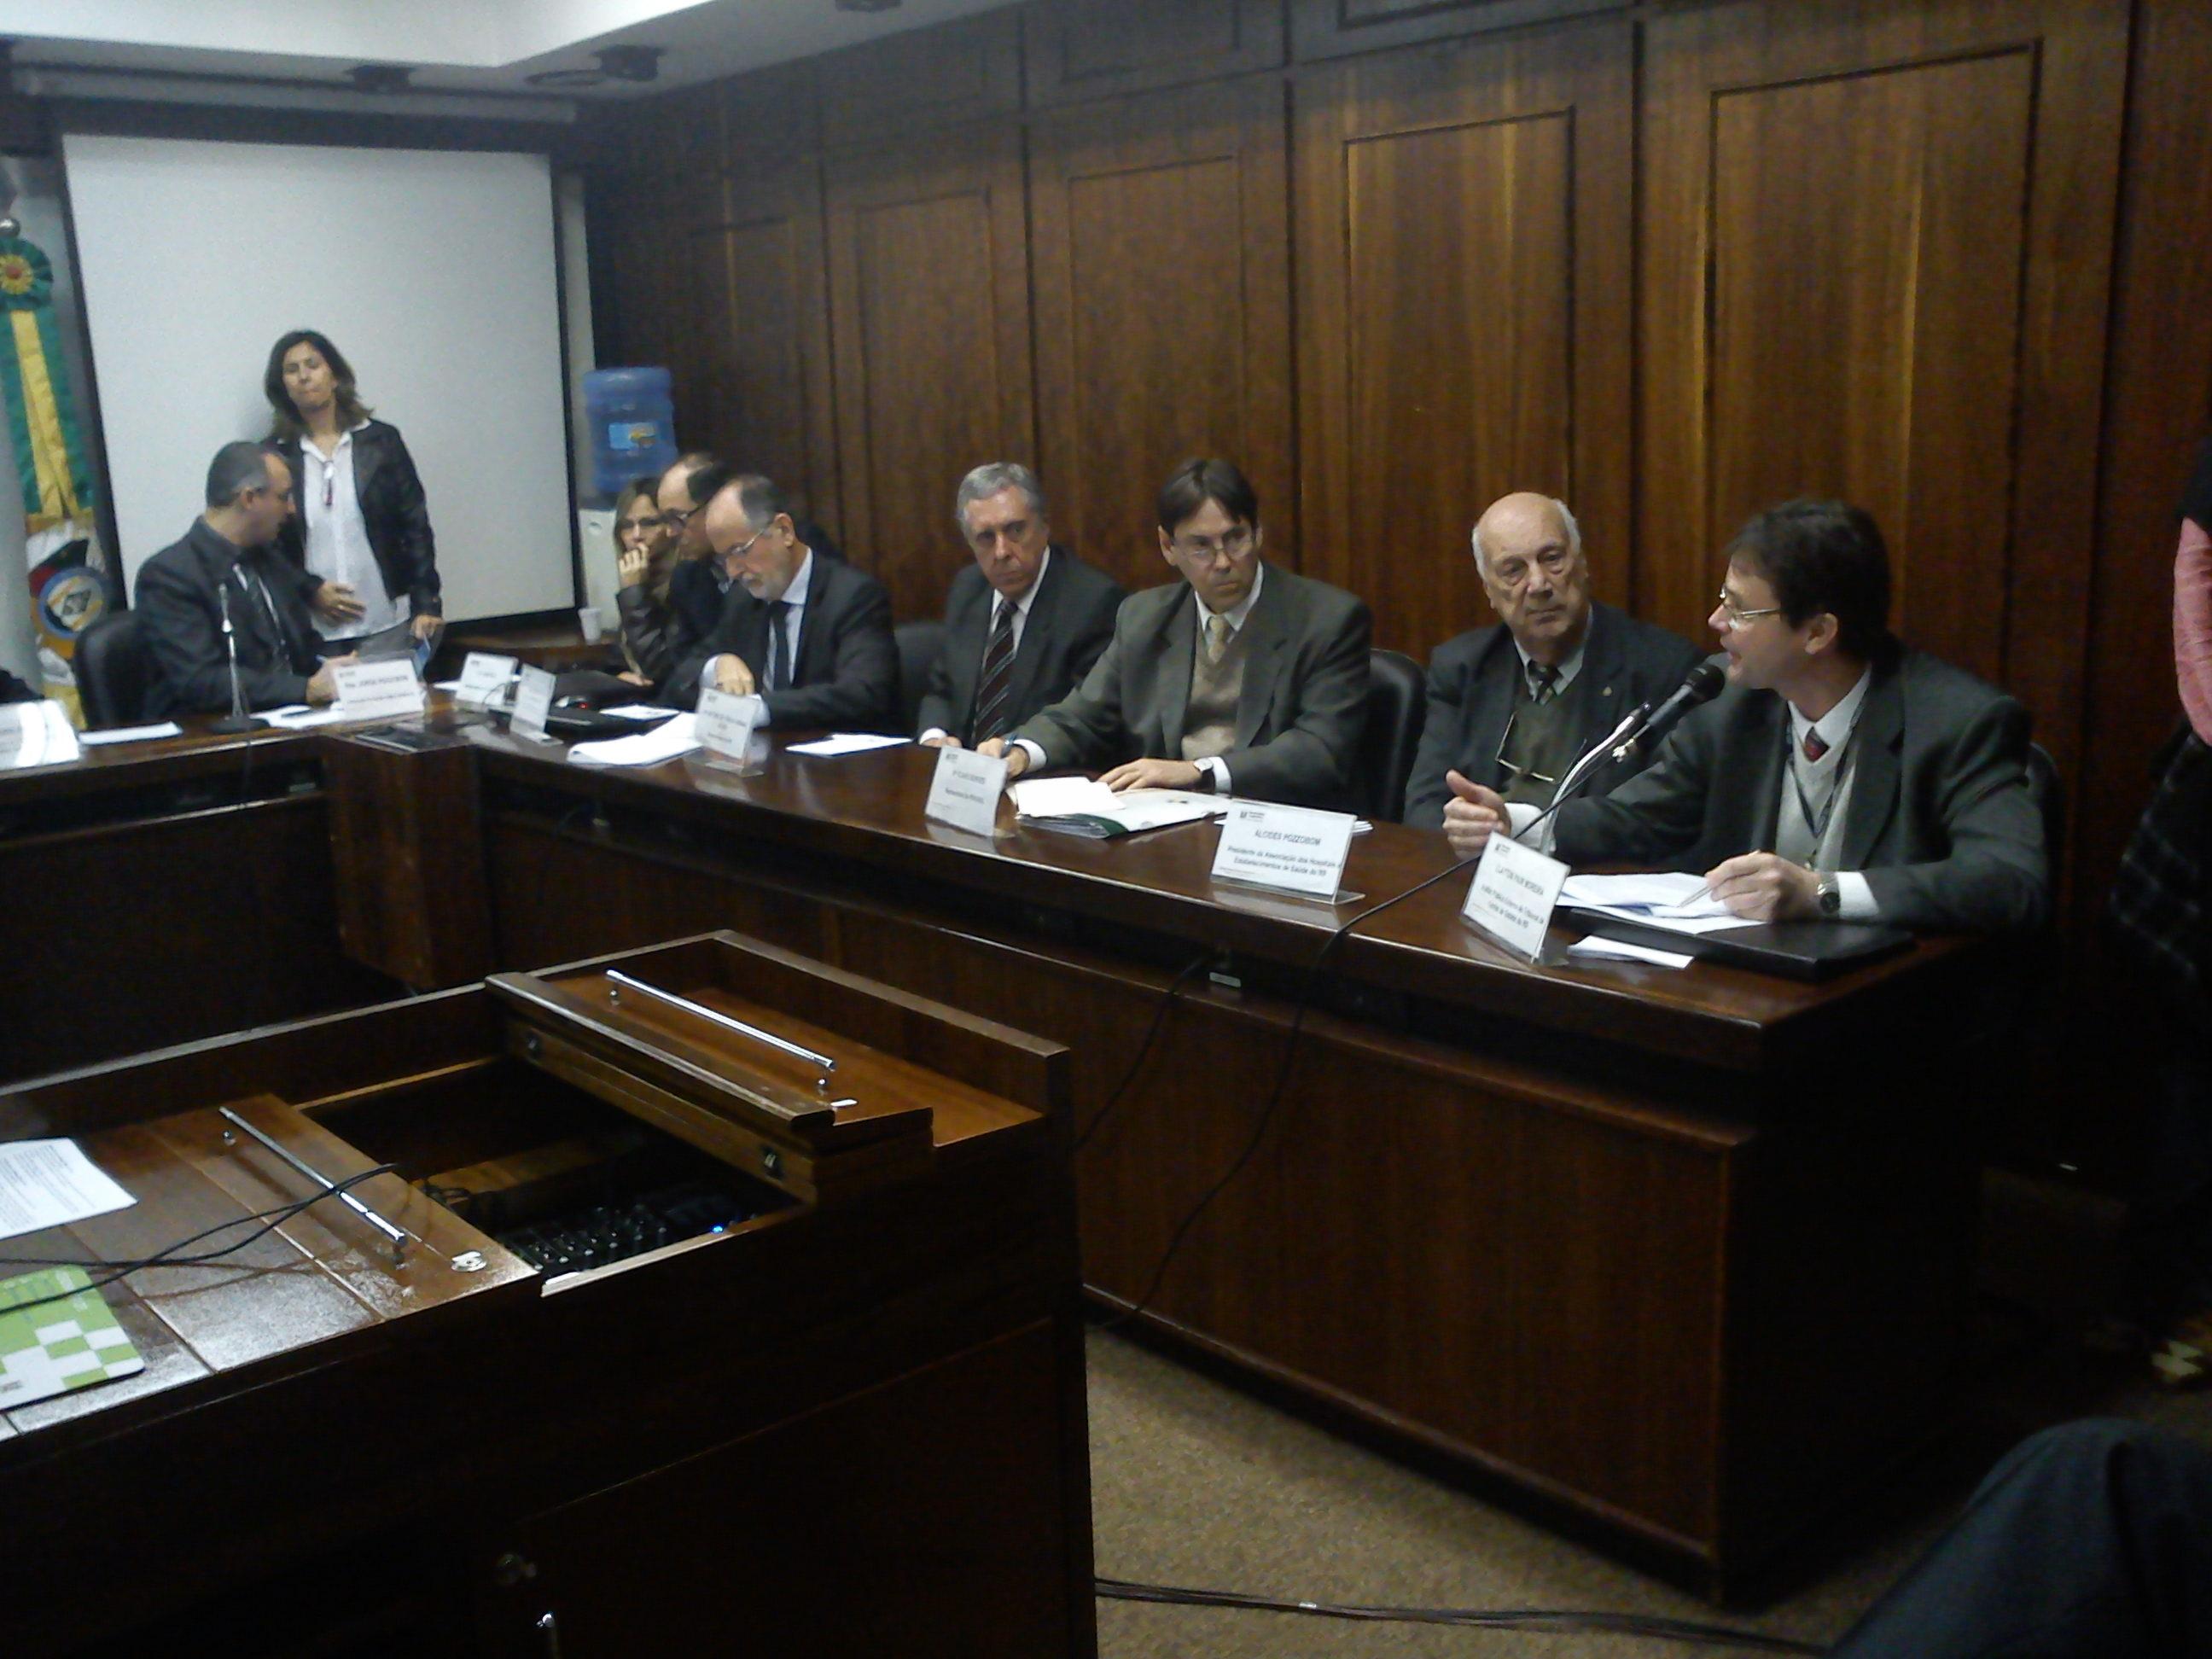 IPE posterga soluções, acusa falta de recursos financeiros e humanos